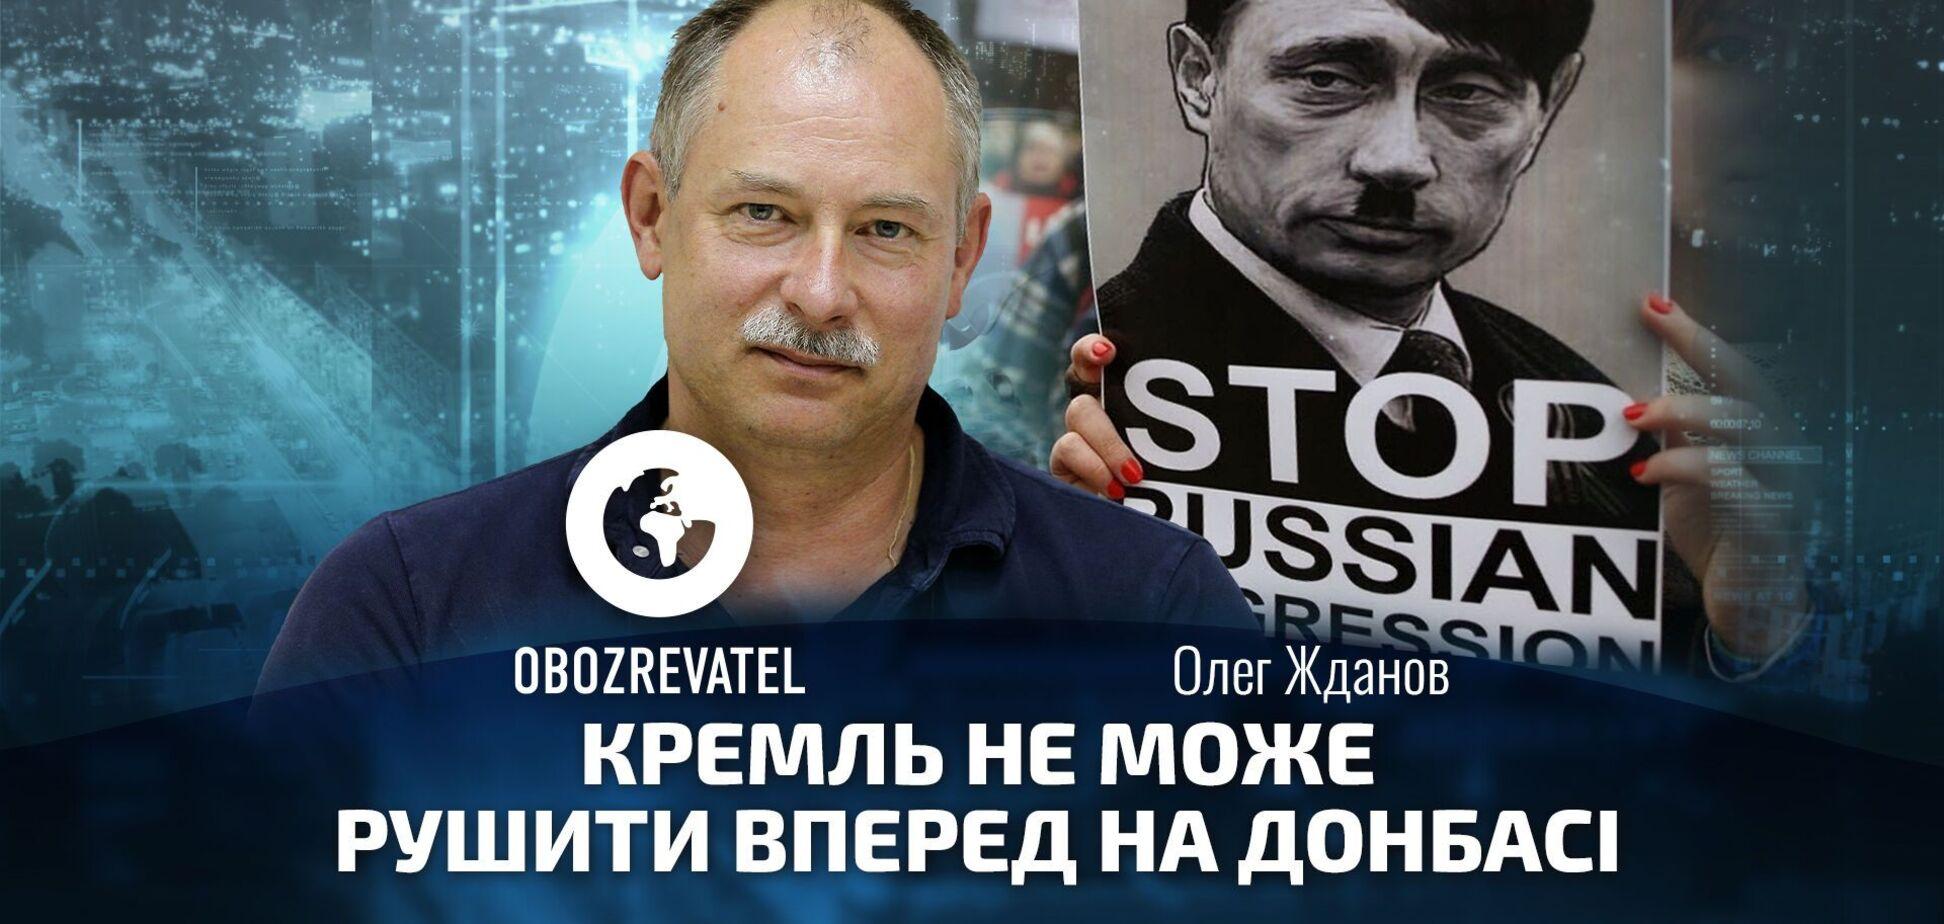 Жданов: Кремль не может двинуться вперед на Донбассе